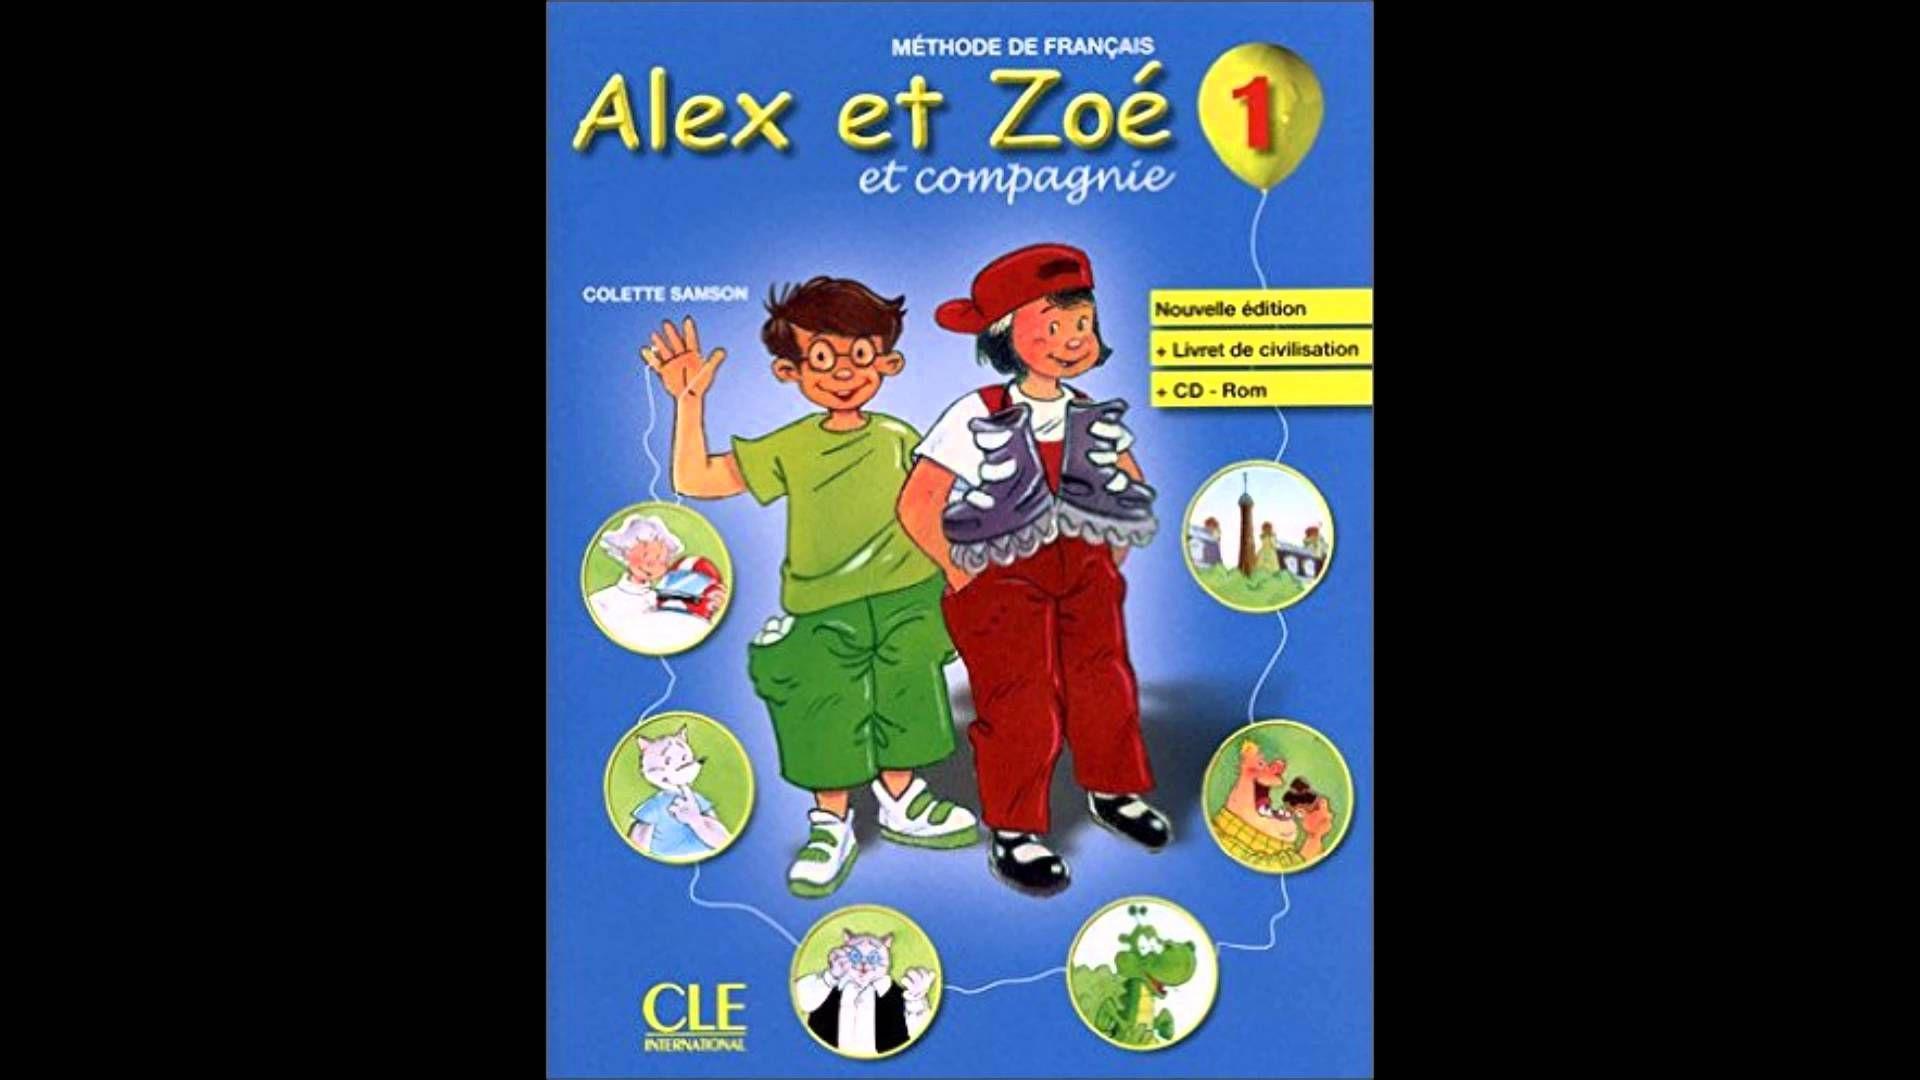 alex et zoe 1 pdf